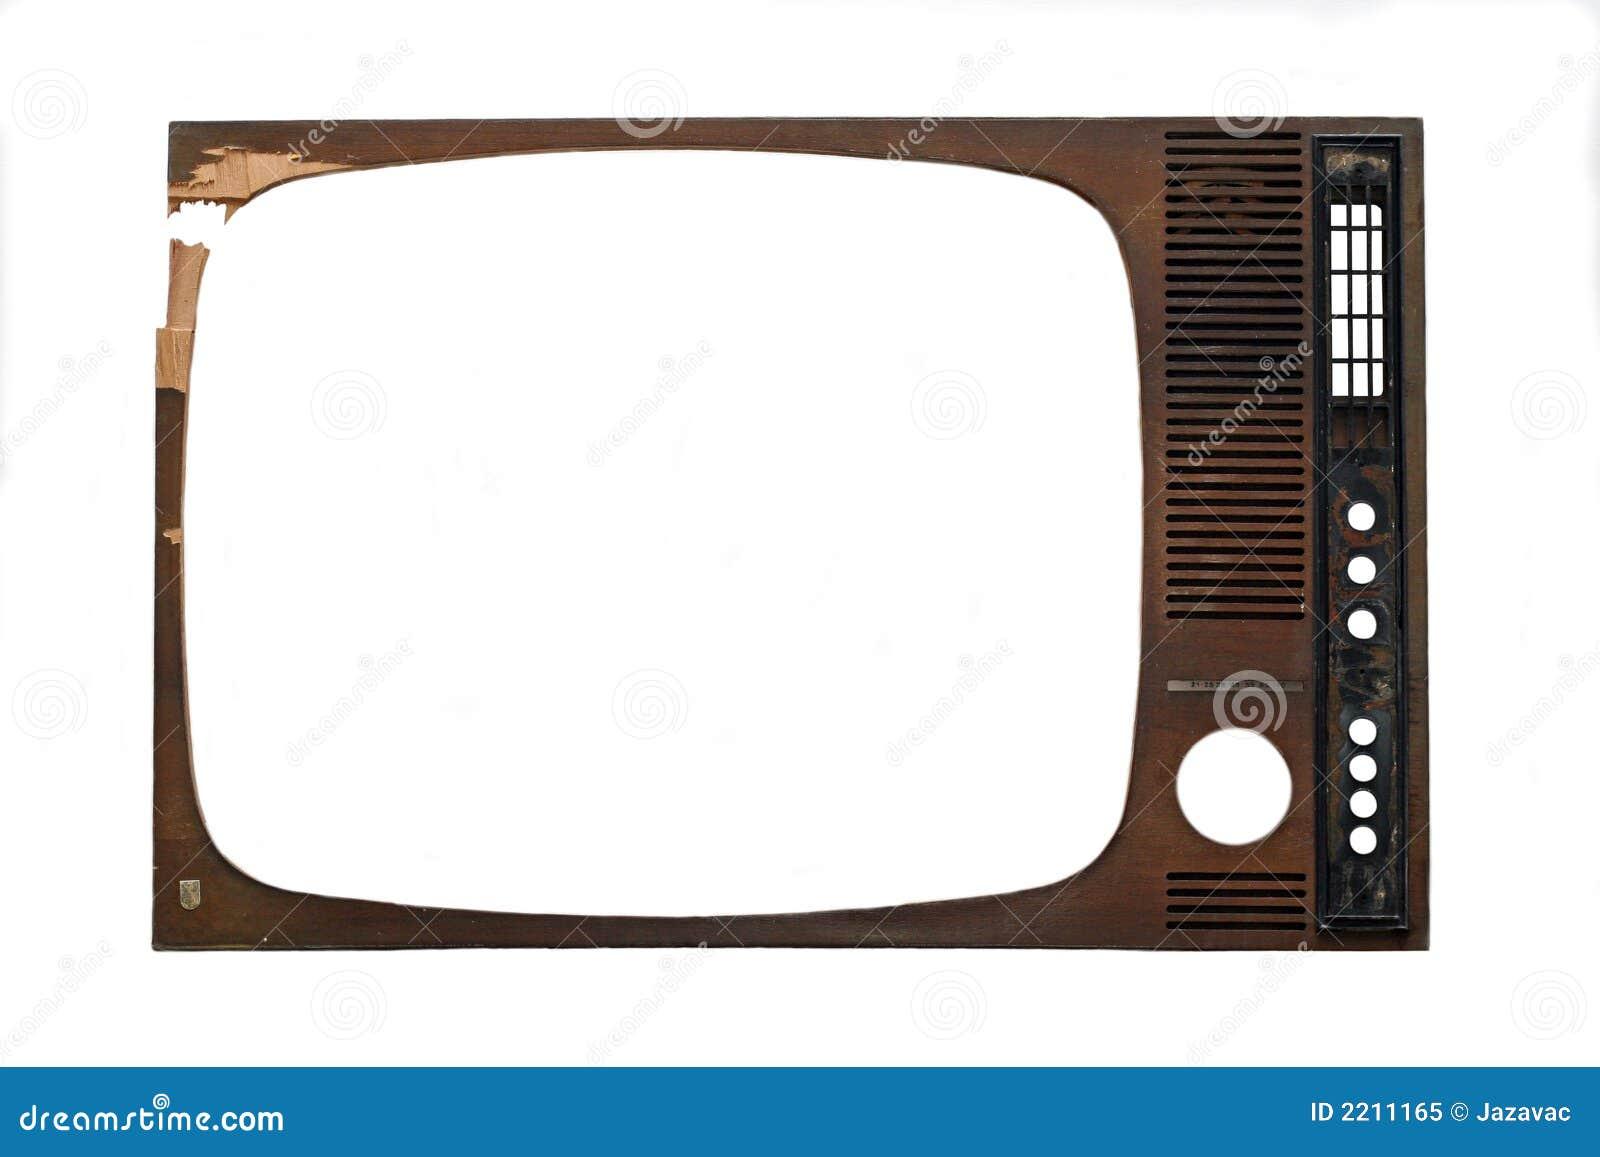 Marco de la TV imagen de archivo. Imagen de marco, retro - 2211165